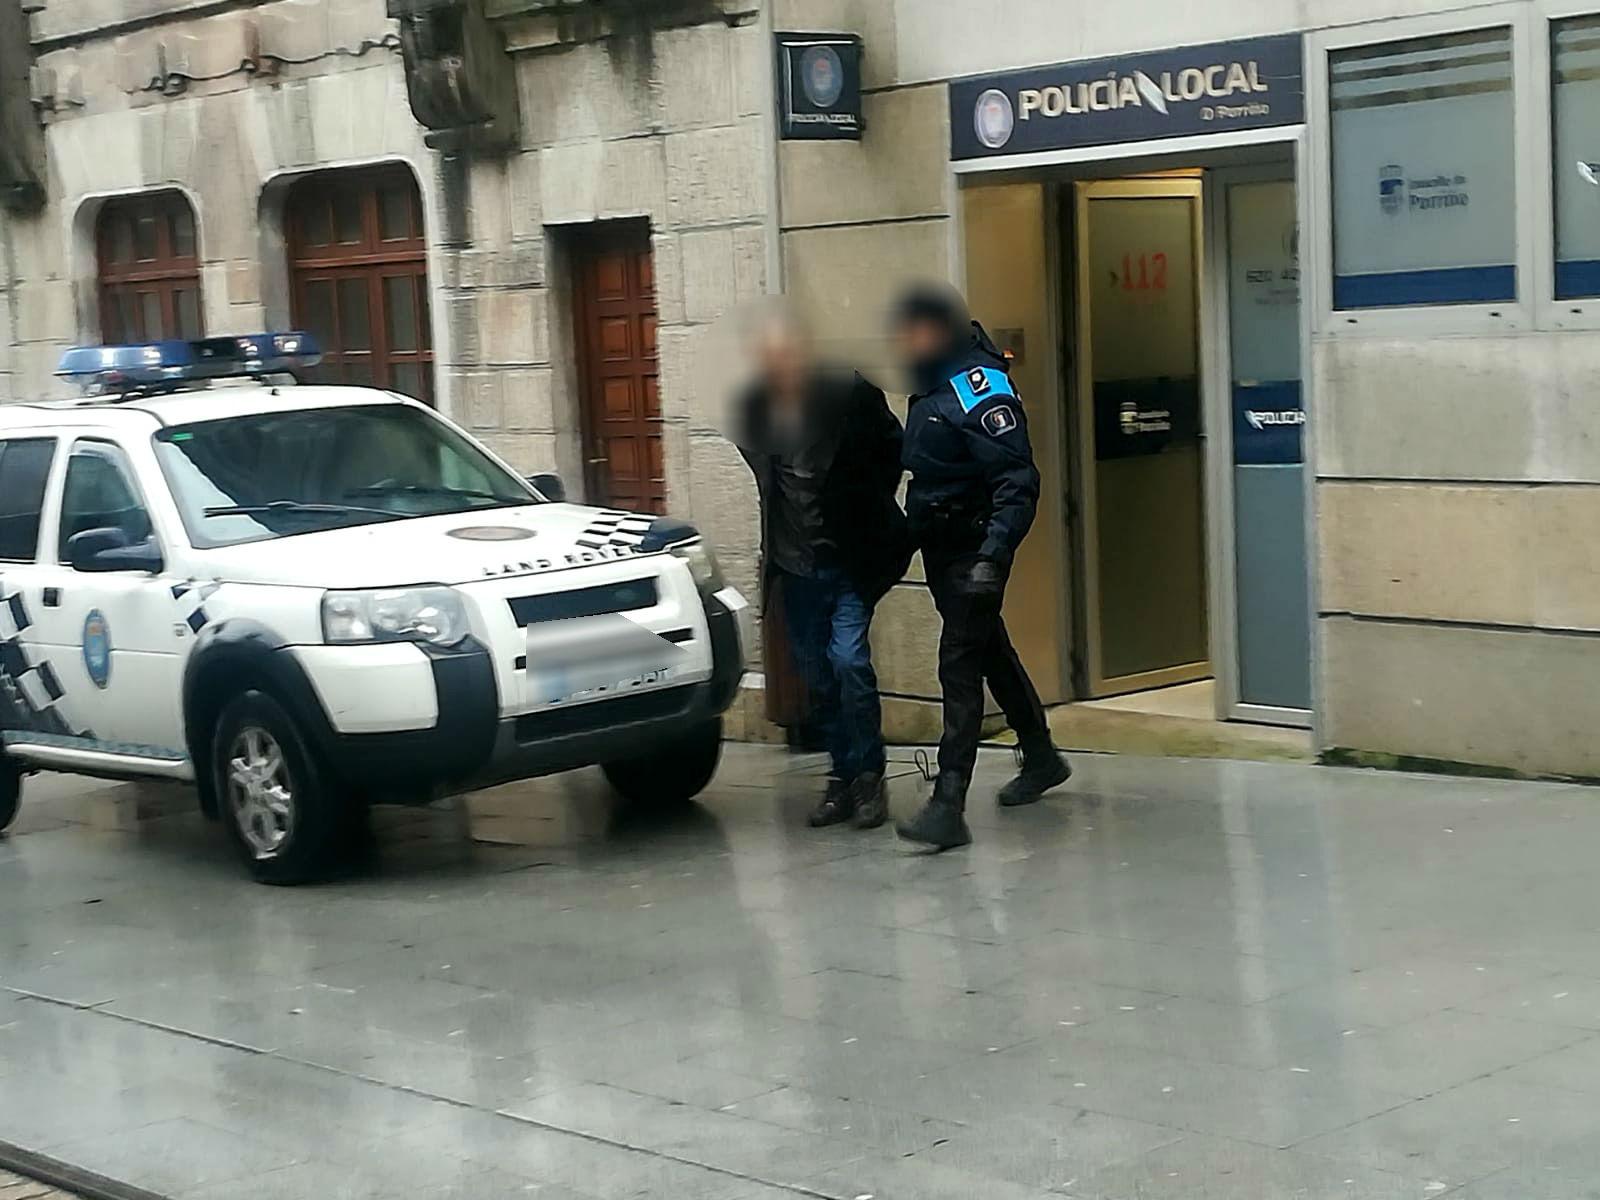 A Policía Local desartella dous puntos de venda de droga e detén a un individuo relacionado co trapicheo de estupefacientes, que levaban 5 anos fuxido da xustiza